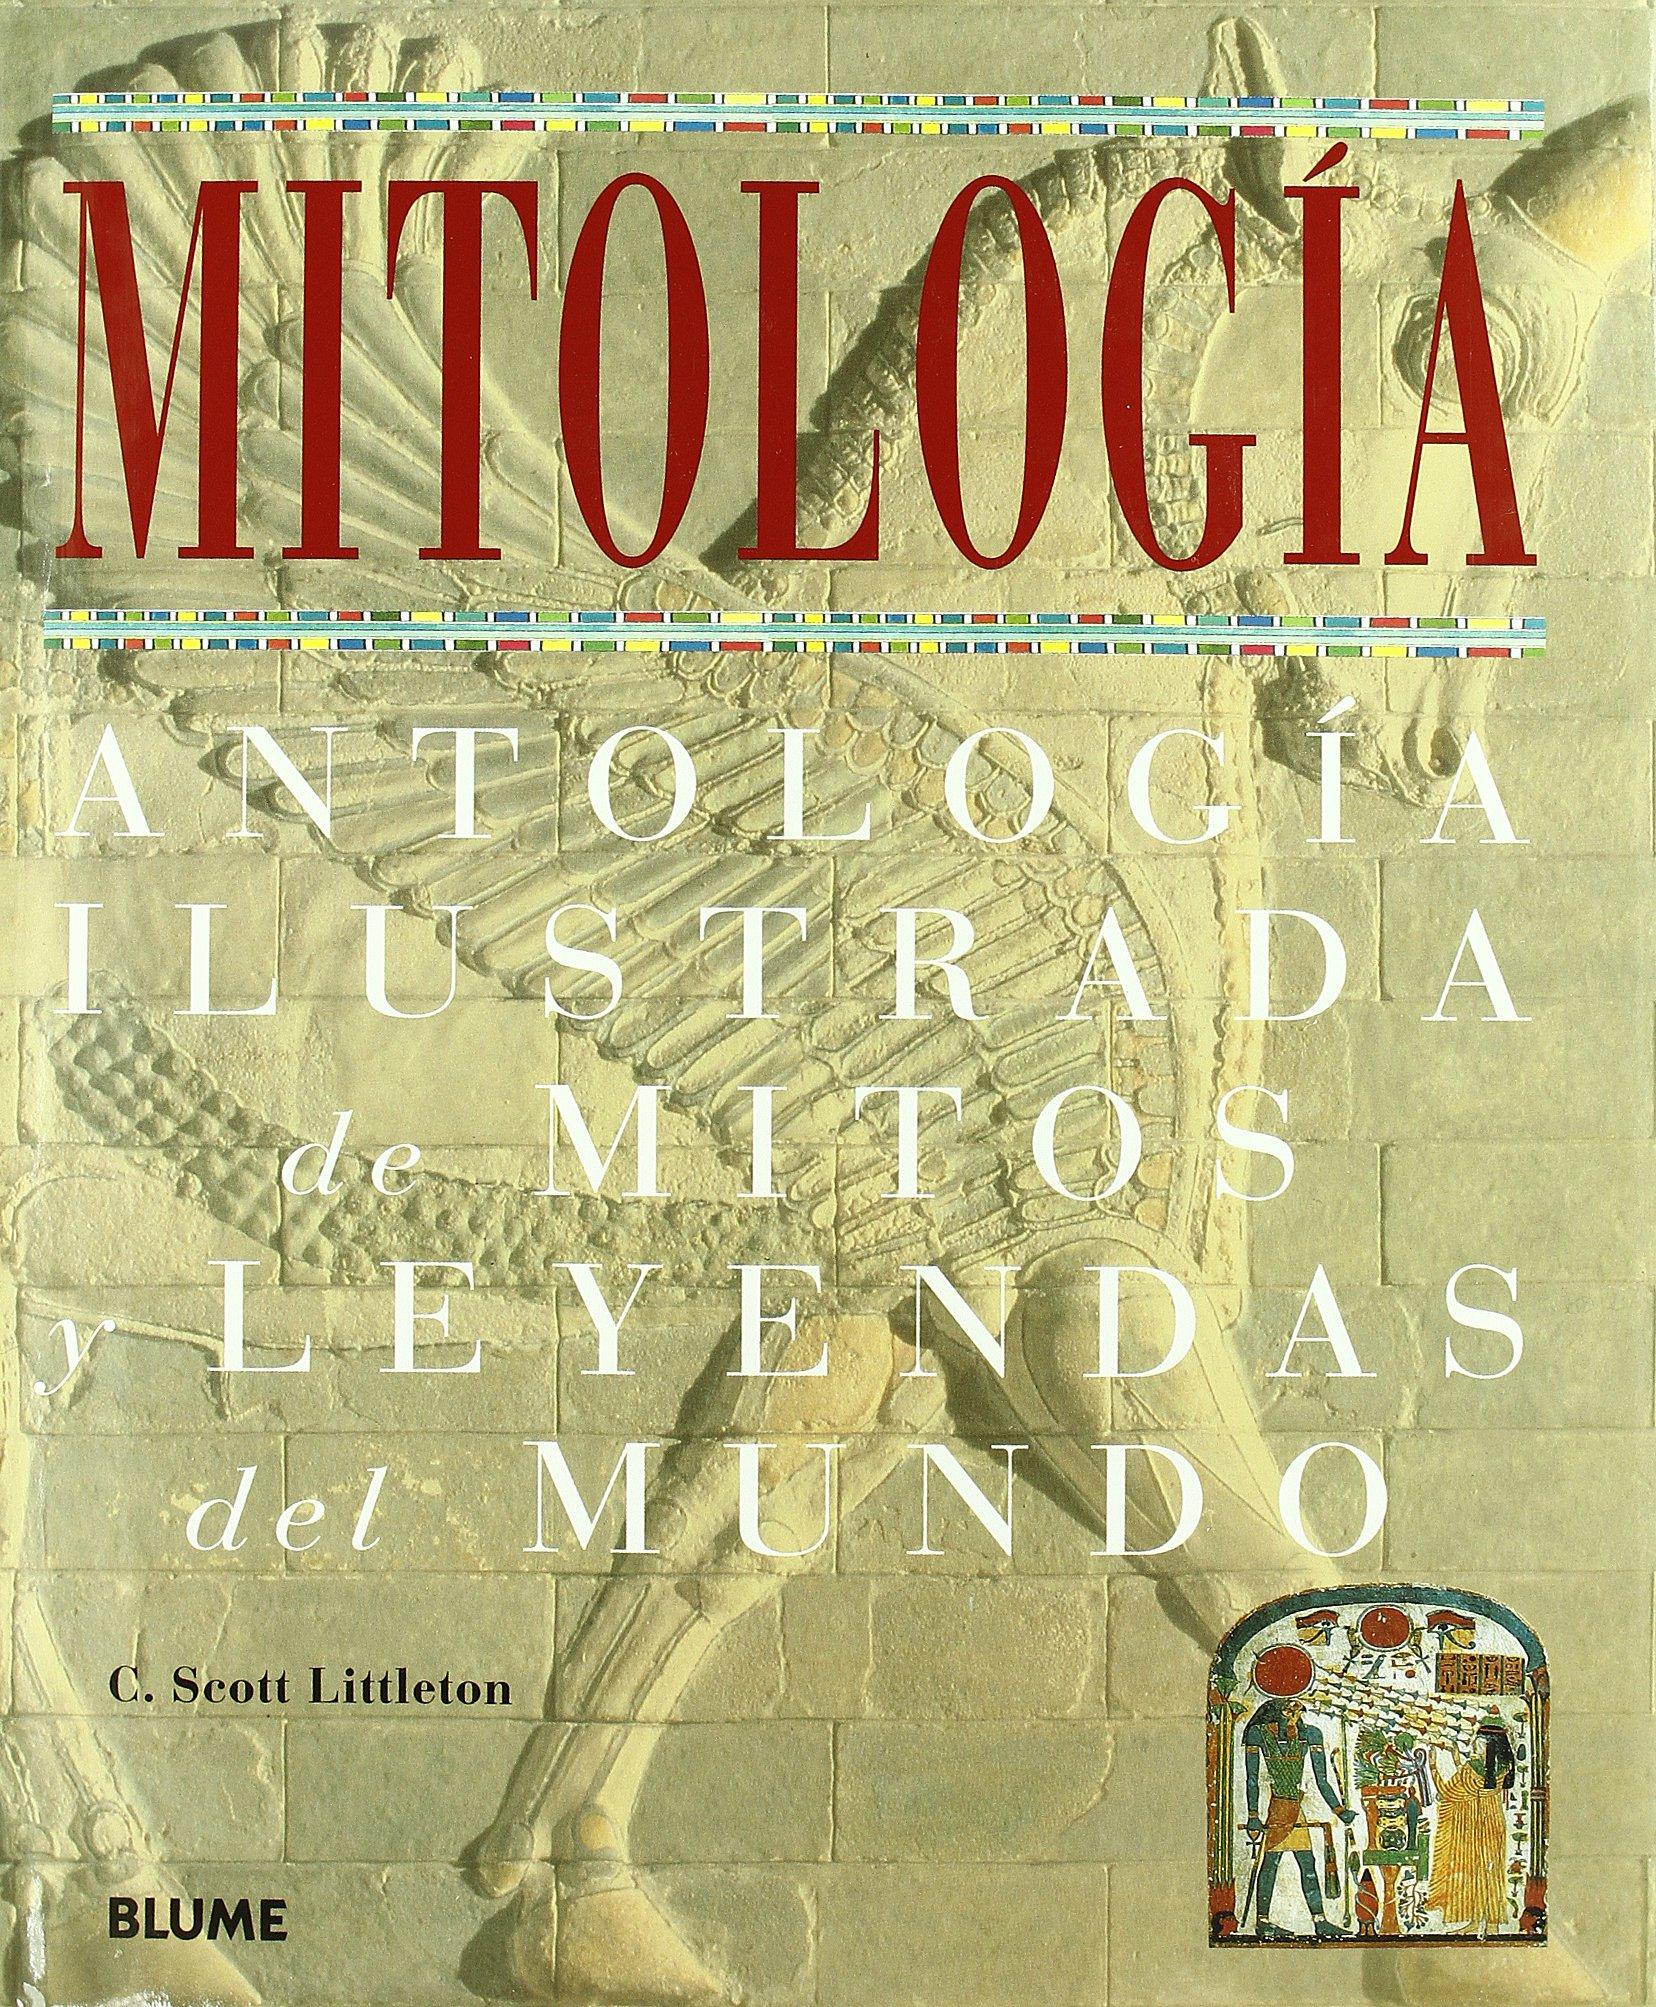 Mitologia: Antologia ilustrada de mitos y leyendas del mundo pdf